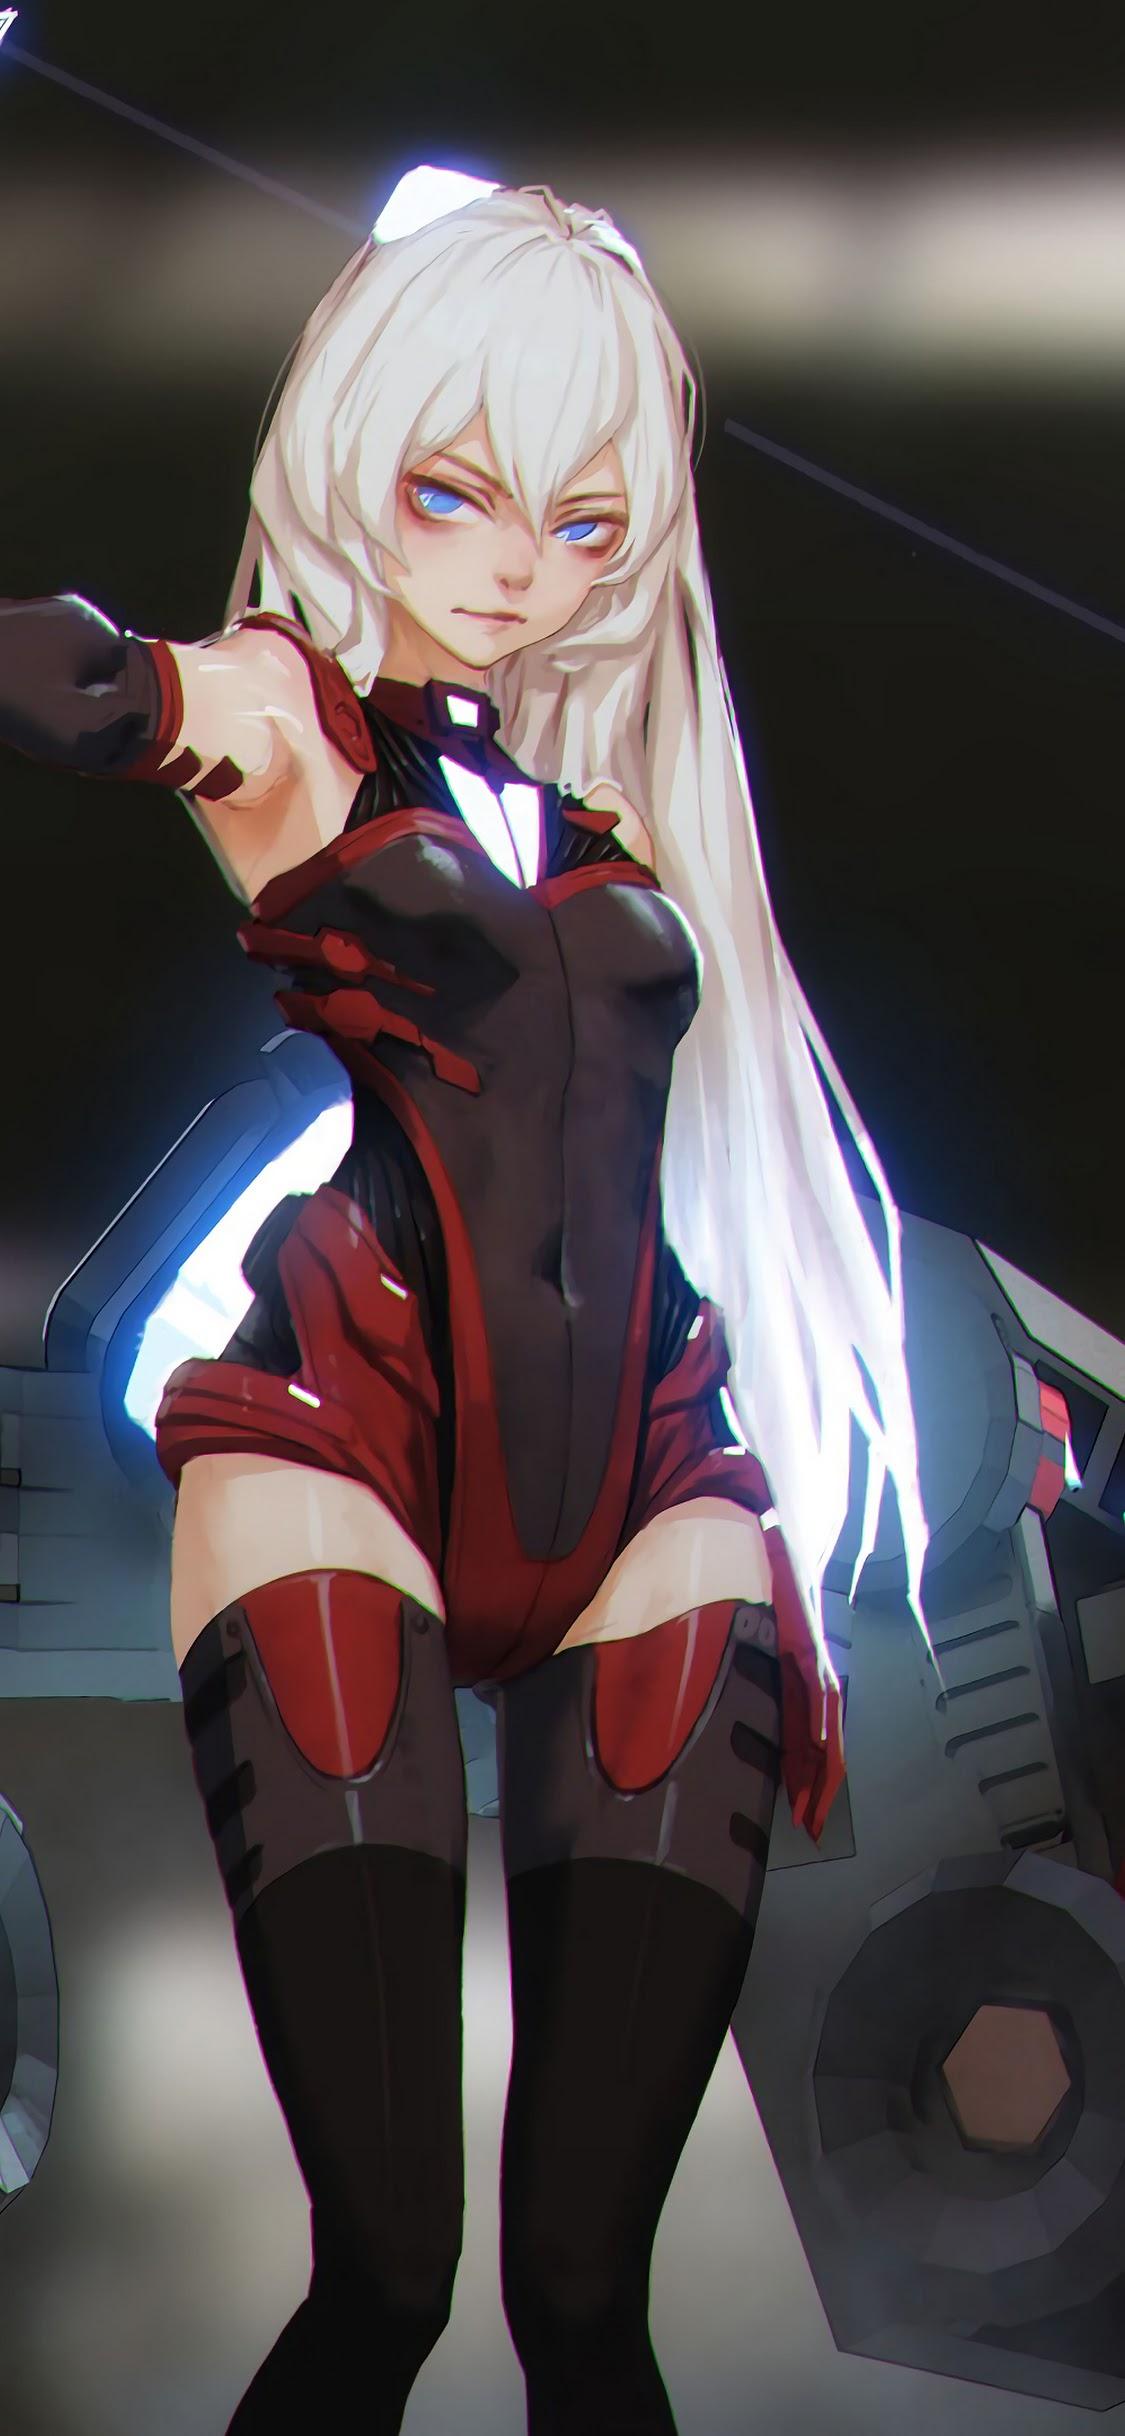 Anime Girl Sci Fi 4k Wallpaper 172